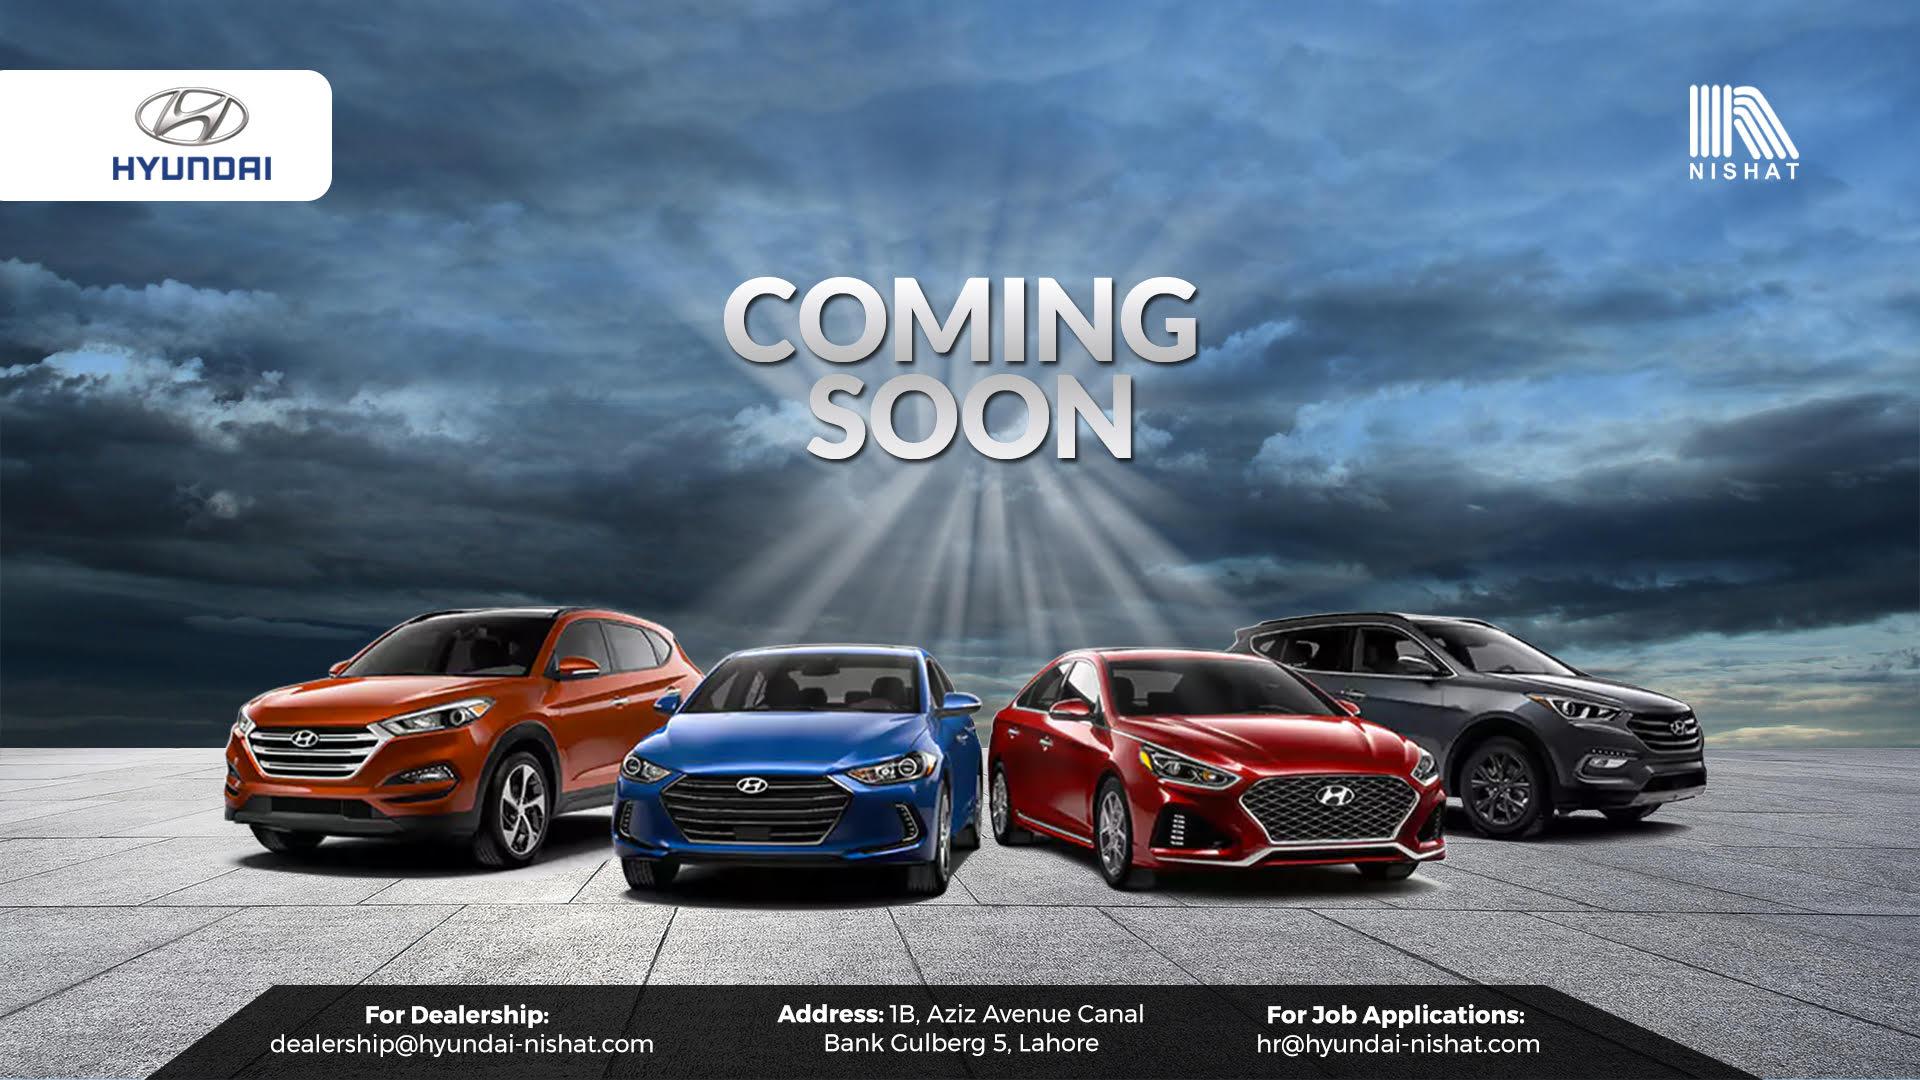 Hyundai-Nishat Website Hints a Range of Upcoming Vehicles 12